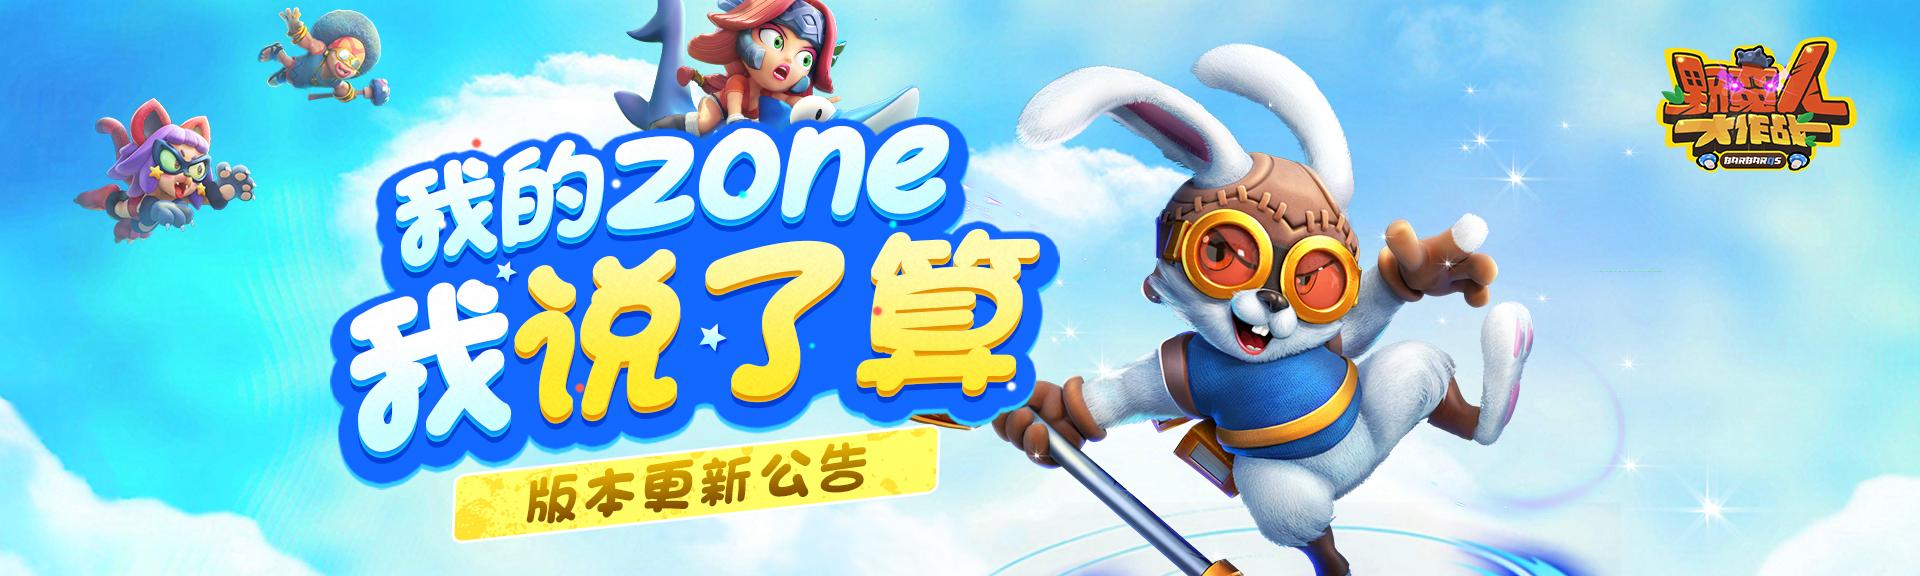 我的zone,我说了算!《野蛮人大作战》新版本5.31更新!